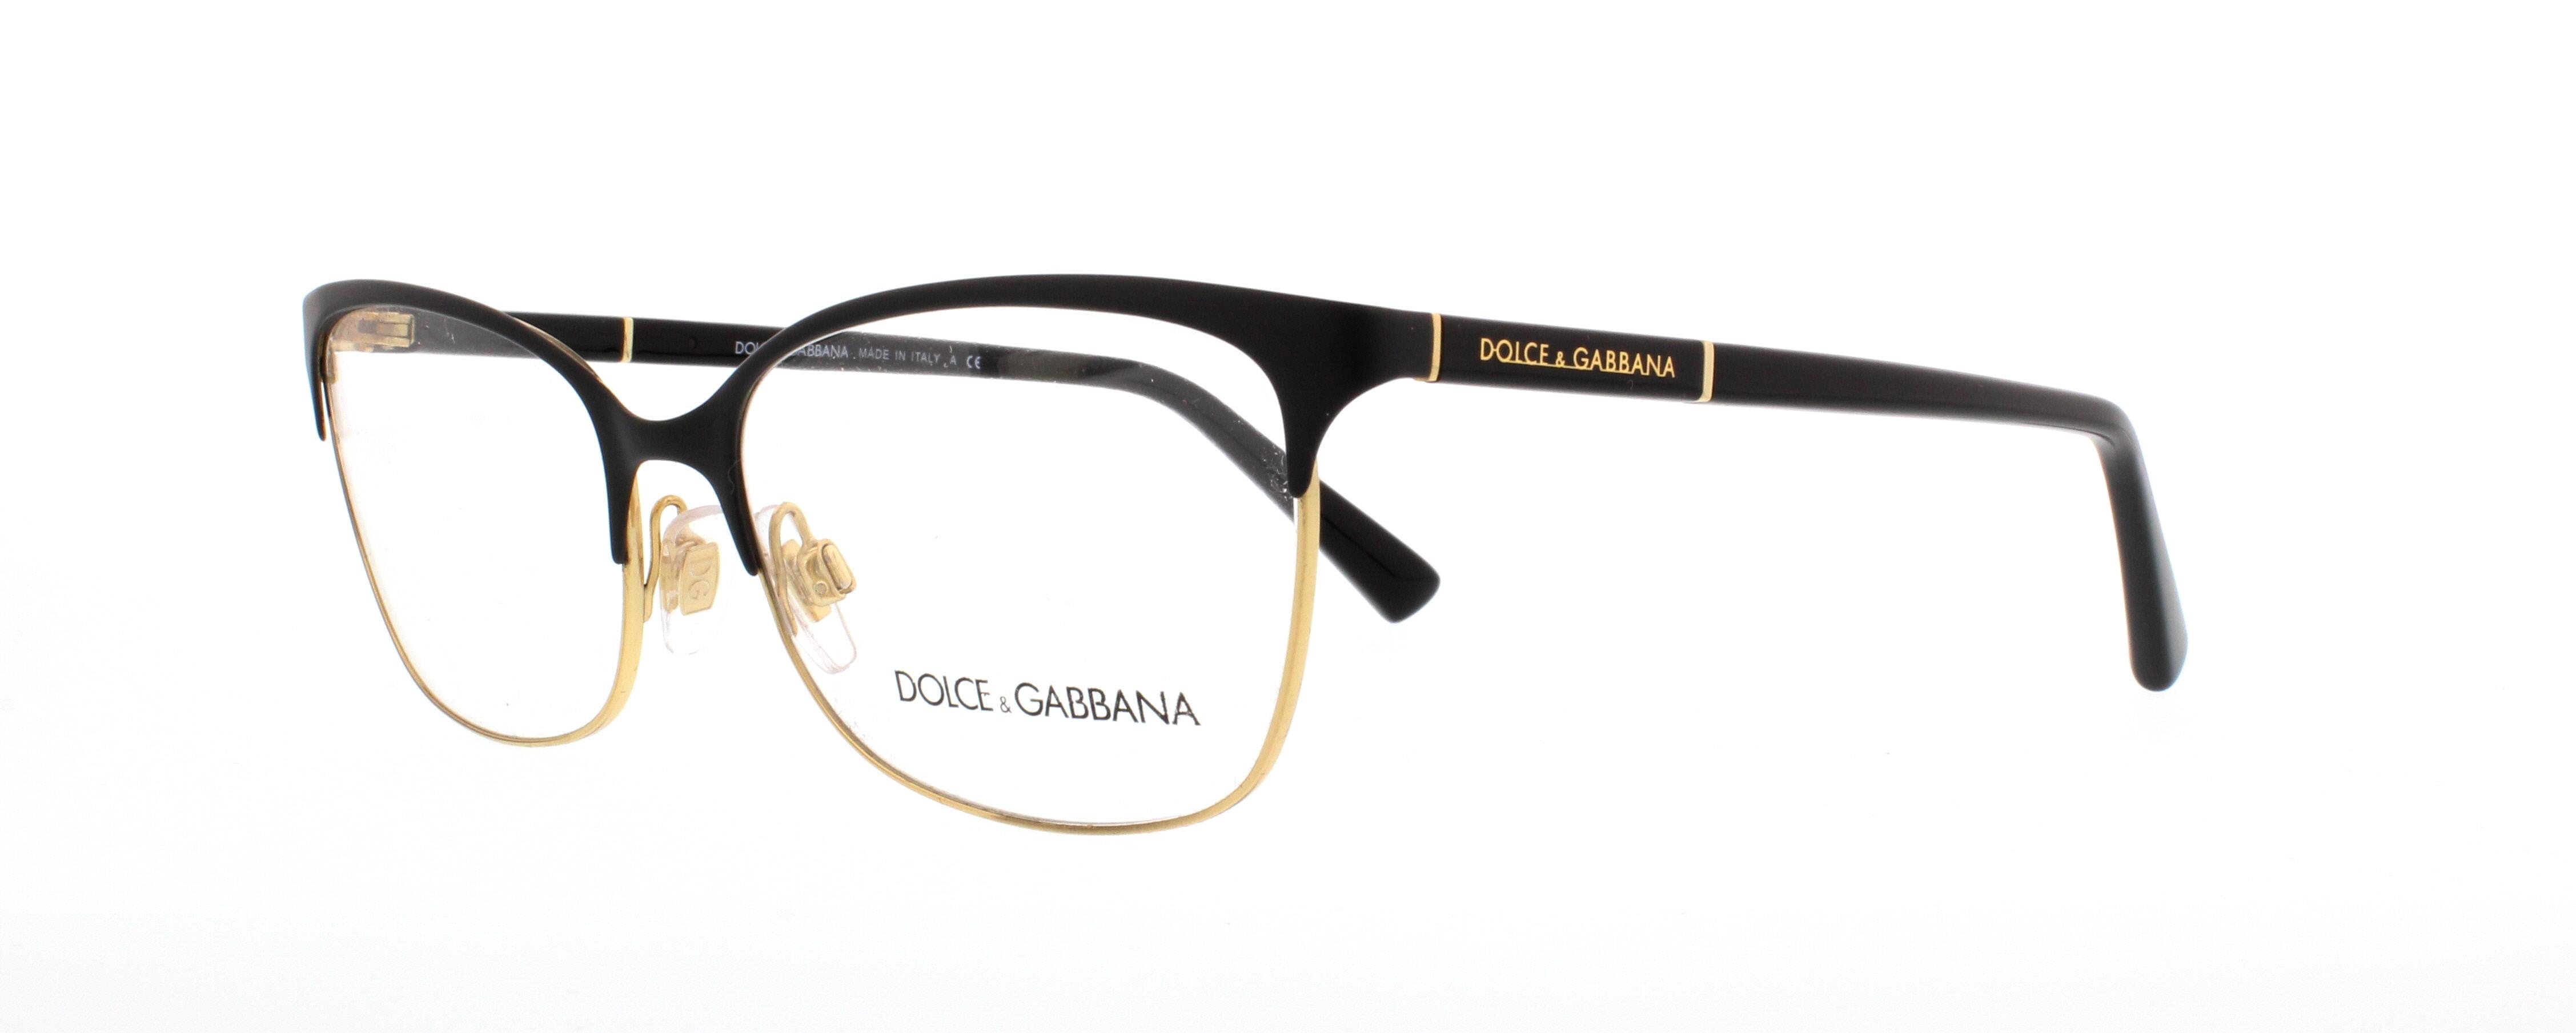 Designer Frames Outlet. Dolce & Gabbana DG1268